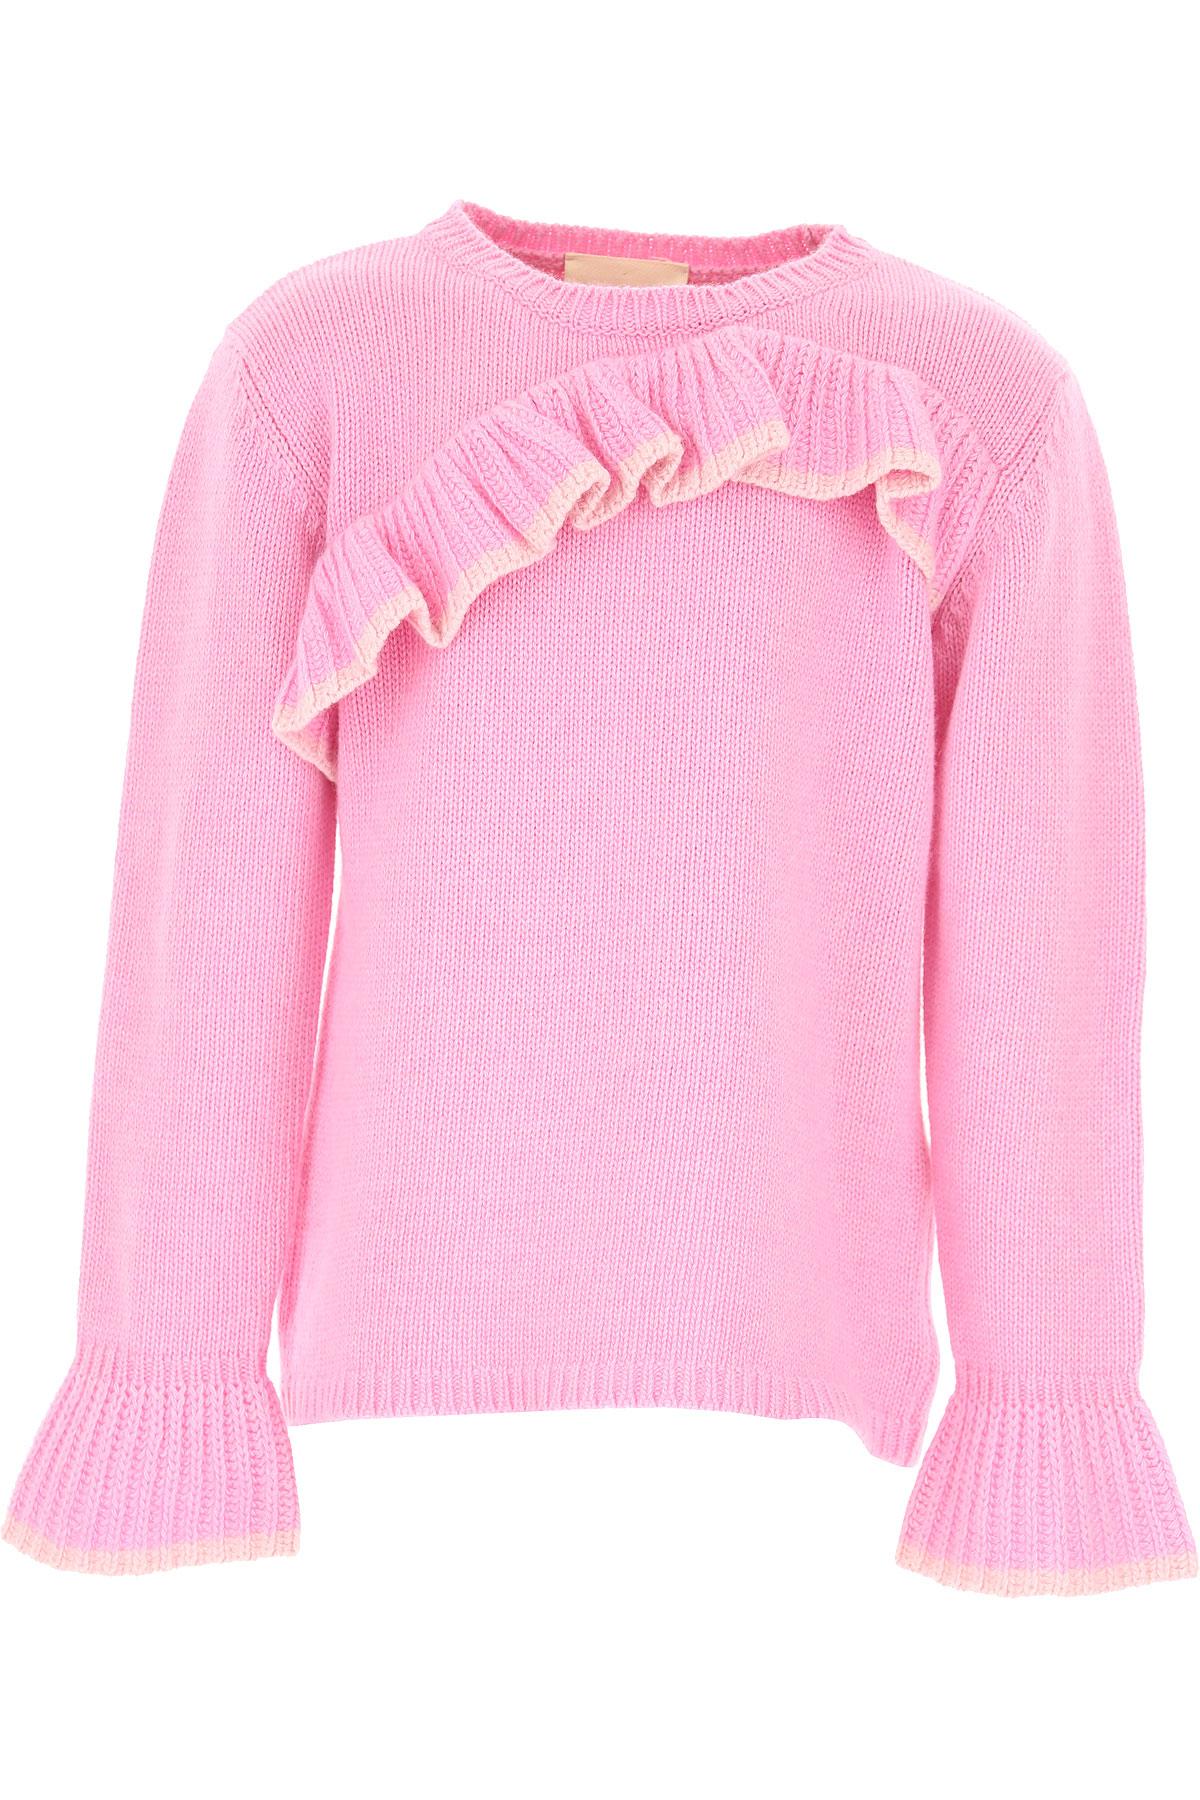 Image of Douuod Kids Sweaters for Girls, Pink, viscosa, 2017, 10Y 14Y 2Y 4Y 5Y 6Y 8Y